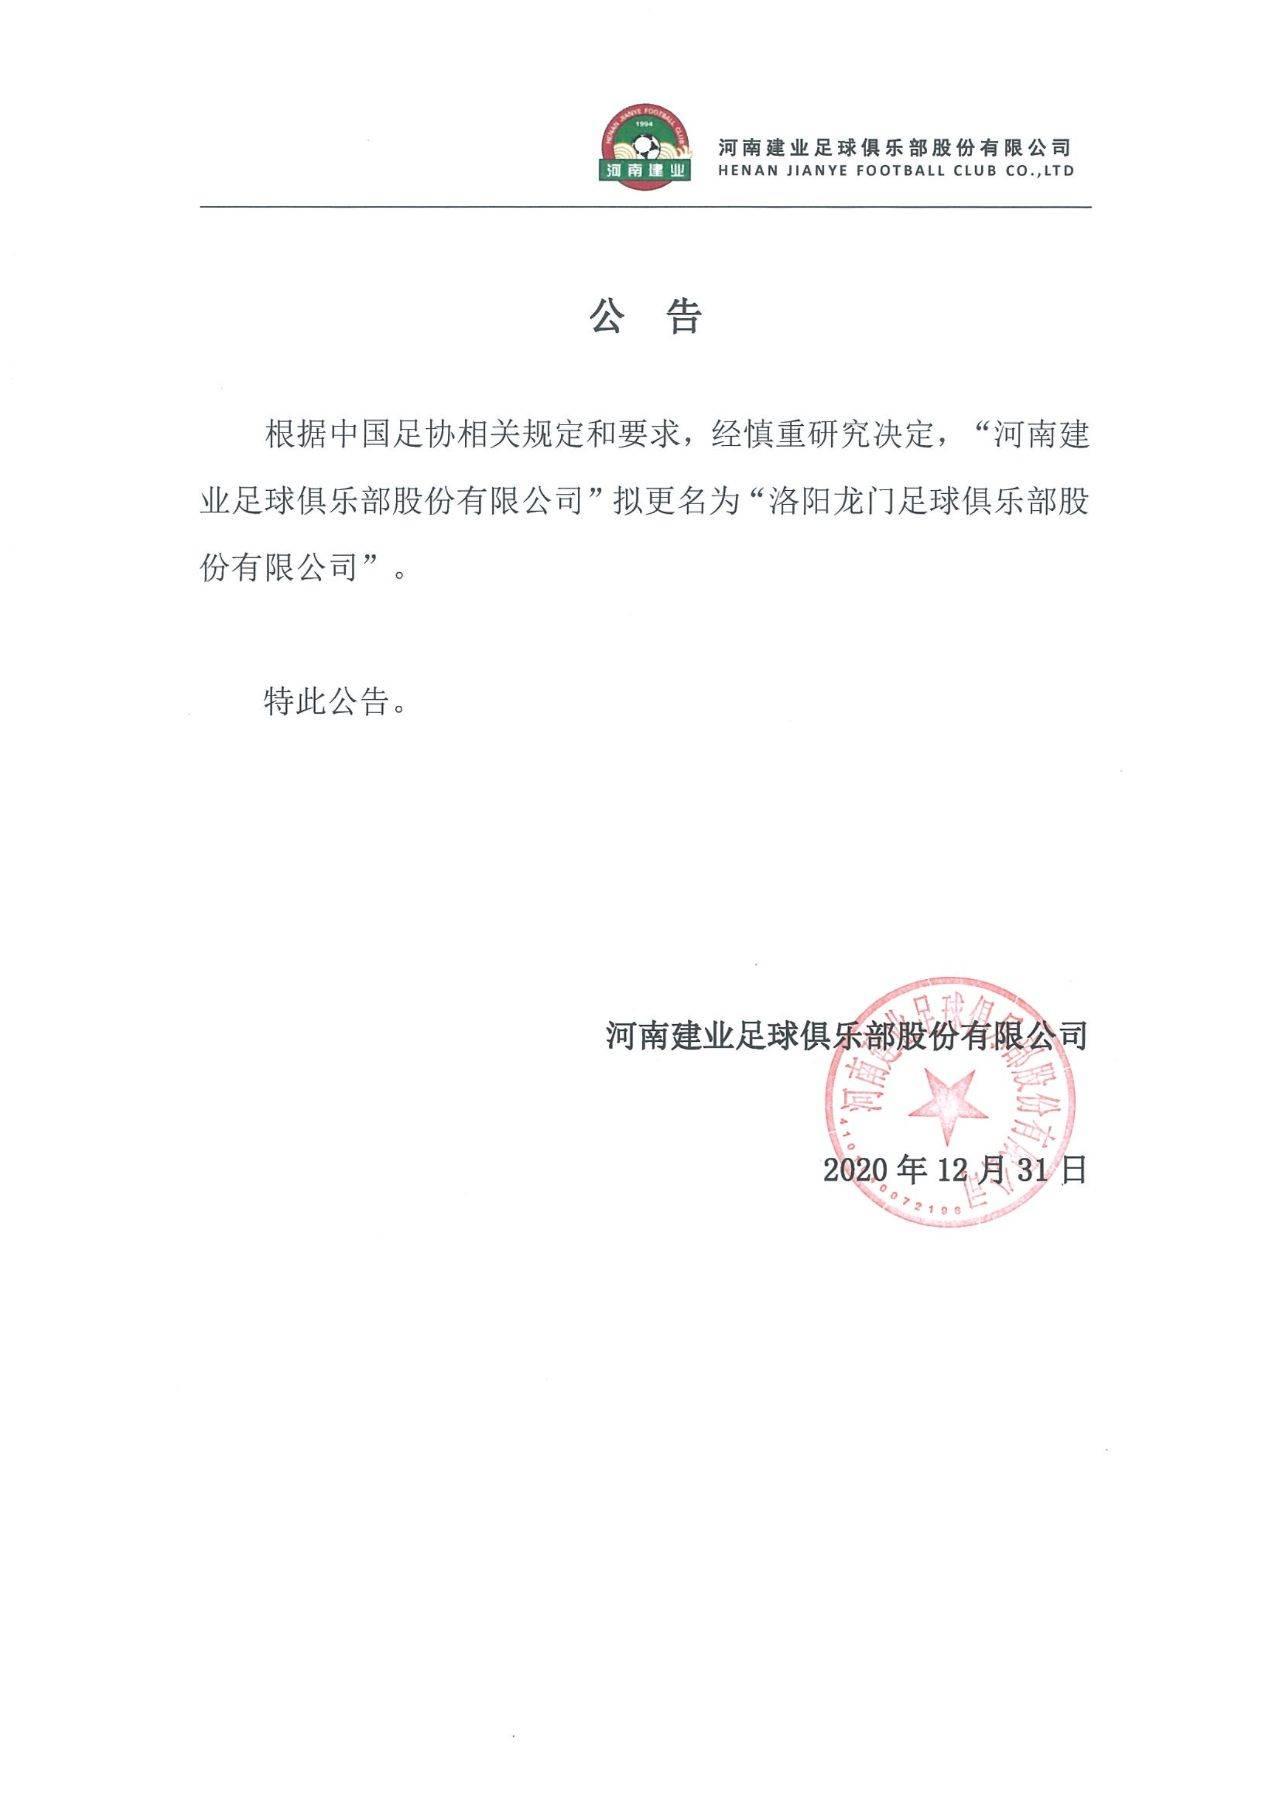 """河南建业官宣中性名确定 更名为""""洛阳龙门足球俱乐部"""""""